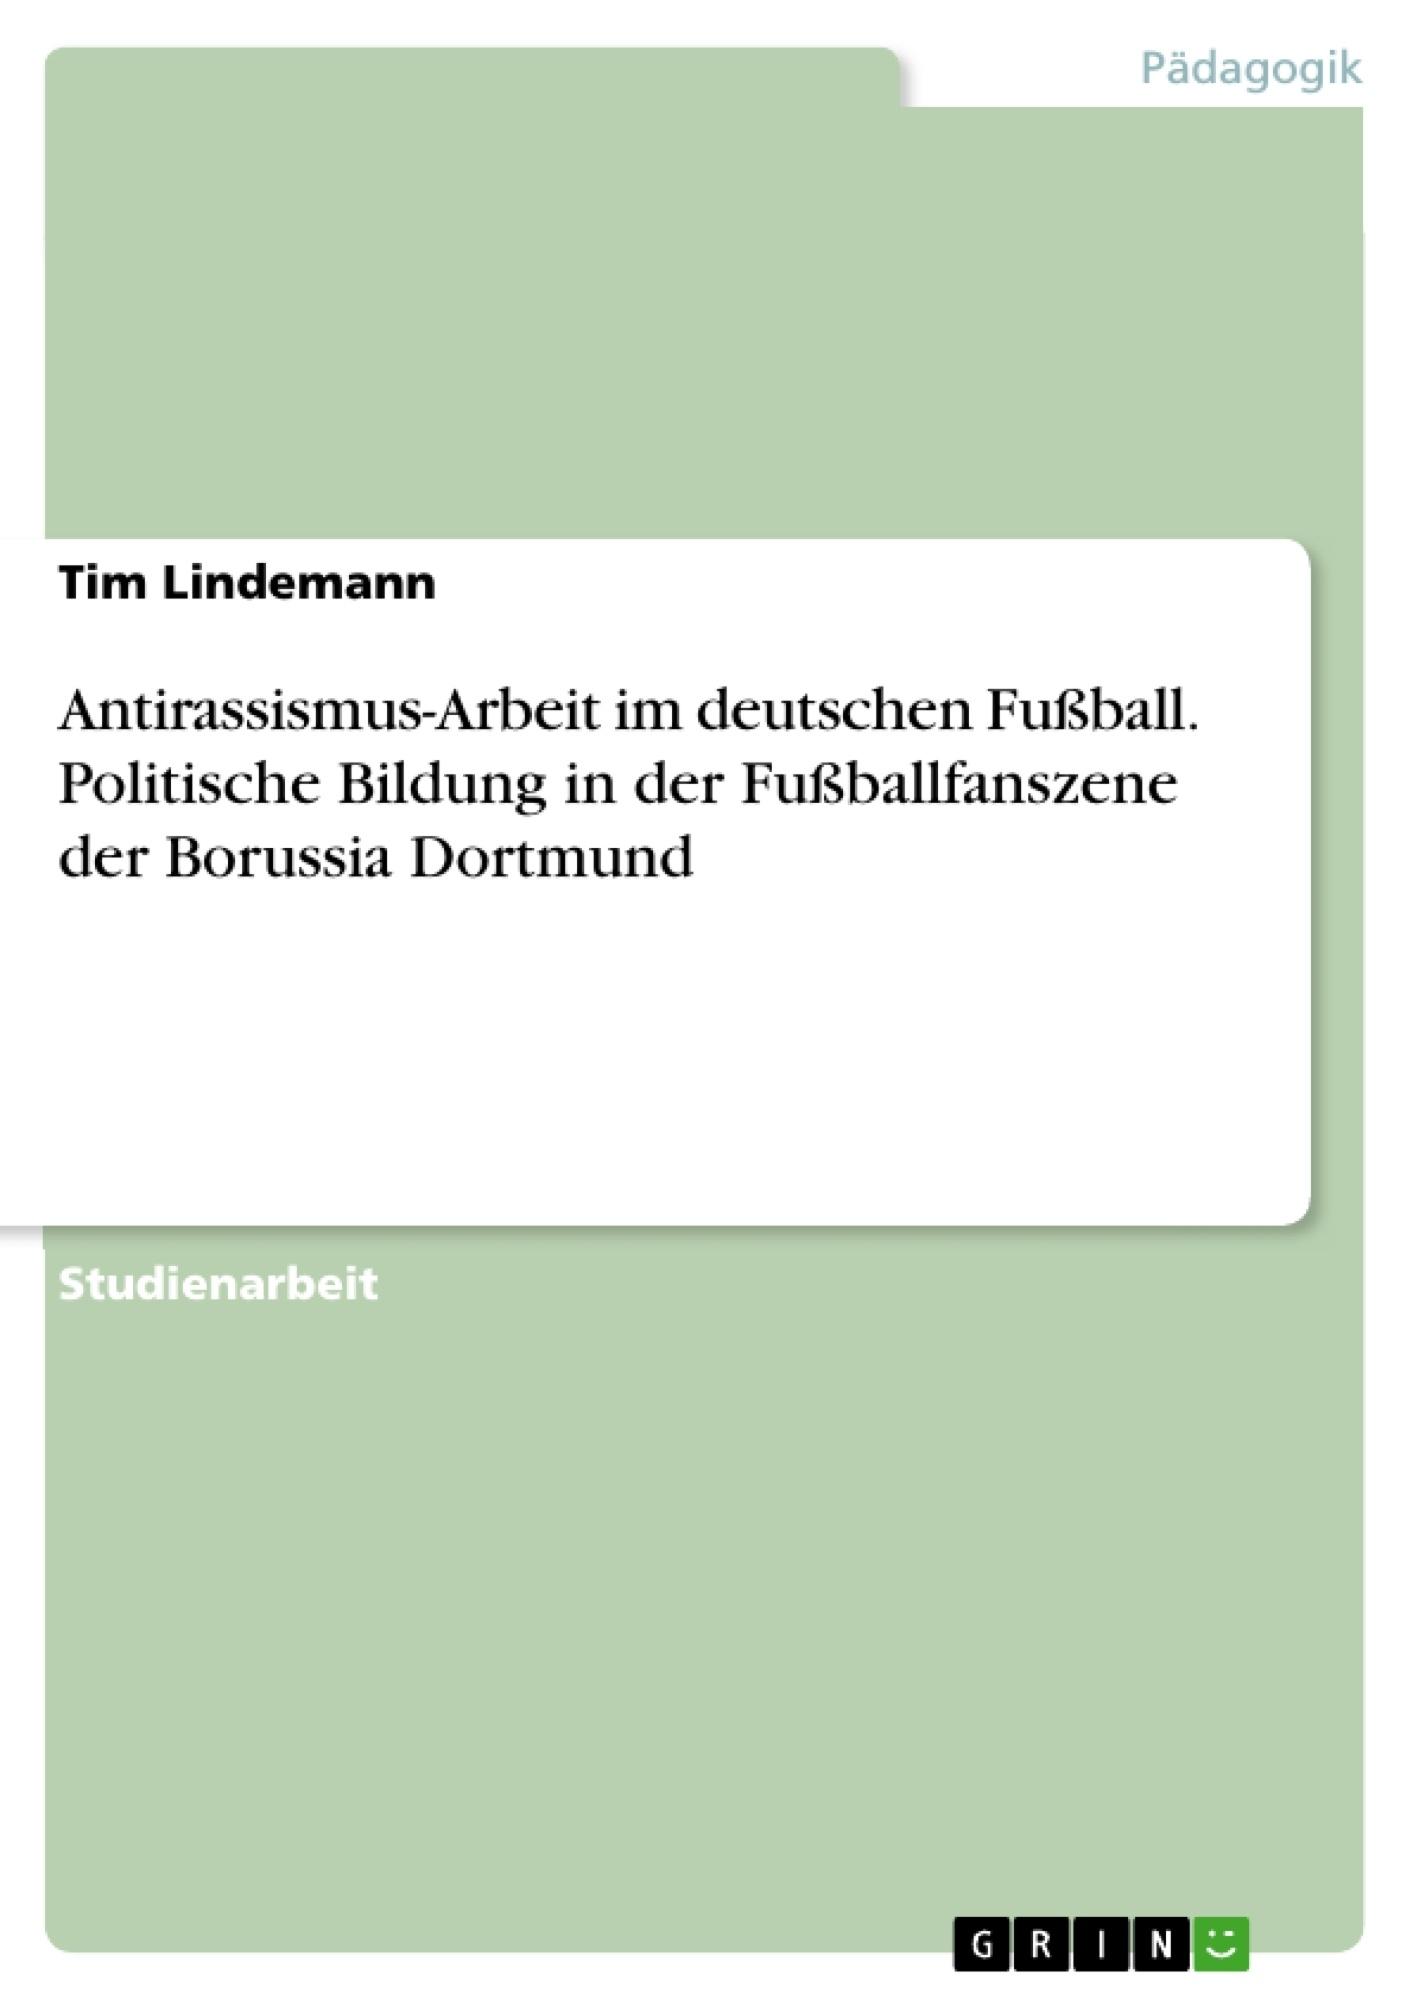 Titel: Antirassismus-Arbeit im deutschen Fußball. Politische Bildung in der Fußballfanszene der Borussia Dortmund